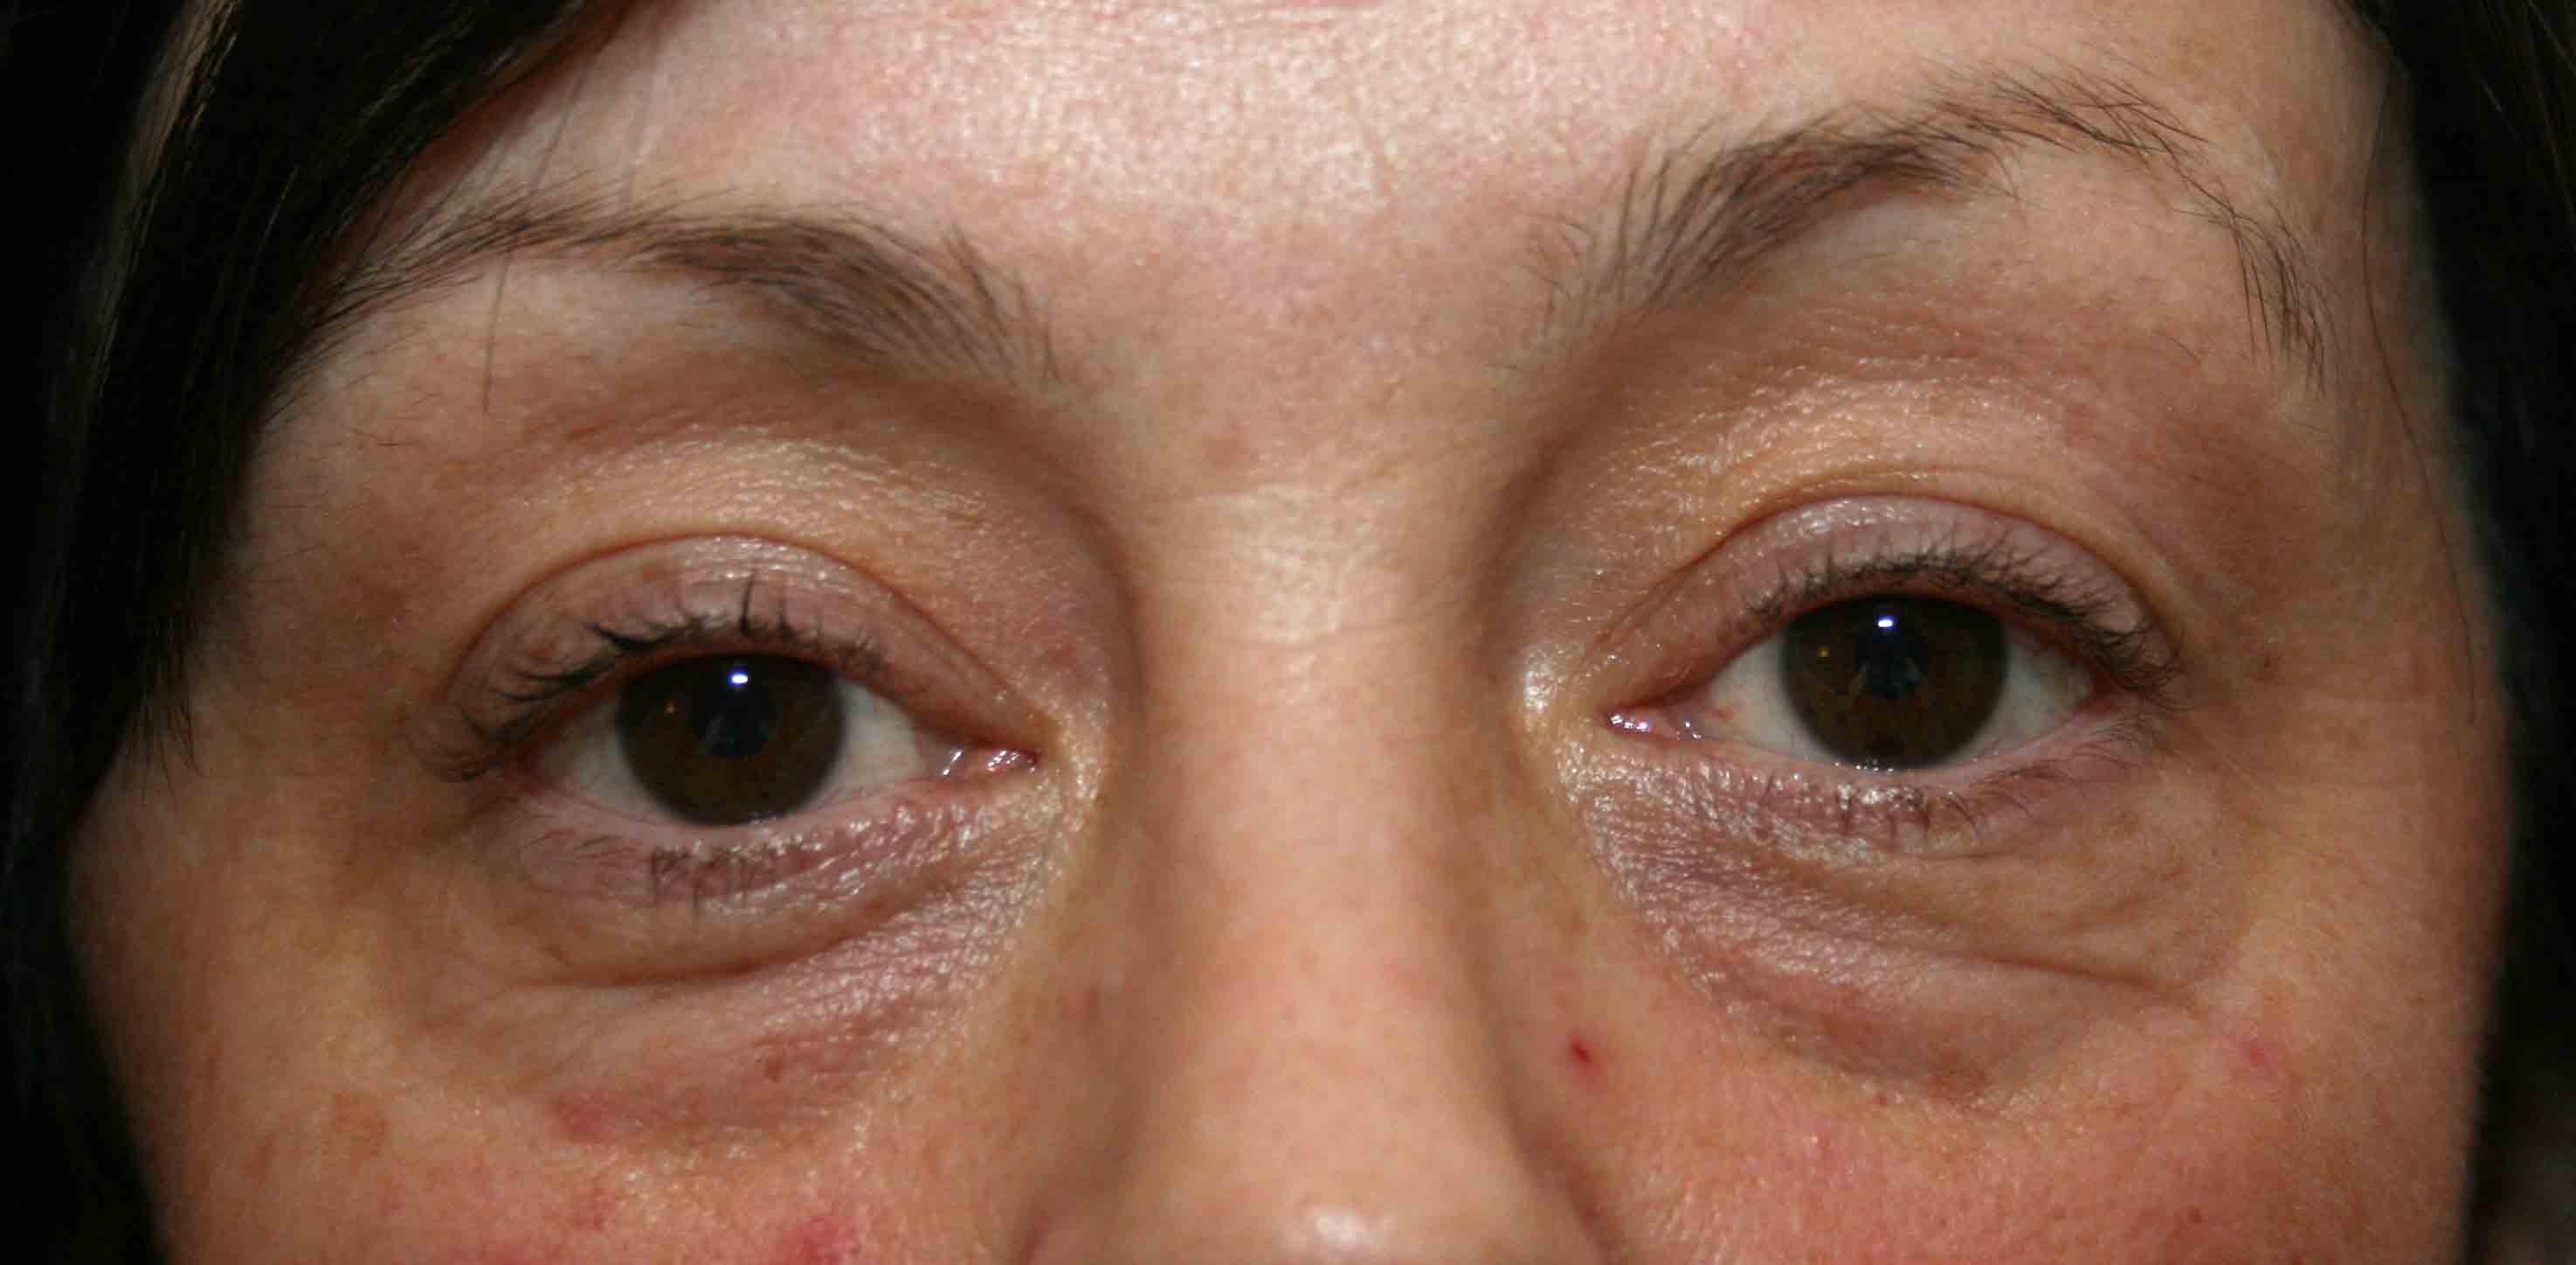 Появление жировой грыжи под глазами - это не признак усталости, либо старения. Часто такой дефект внешности можно встретить у молодых людей. Потому очень важно разобраться с причинами появления.